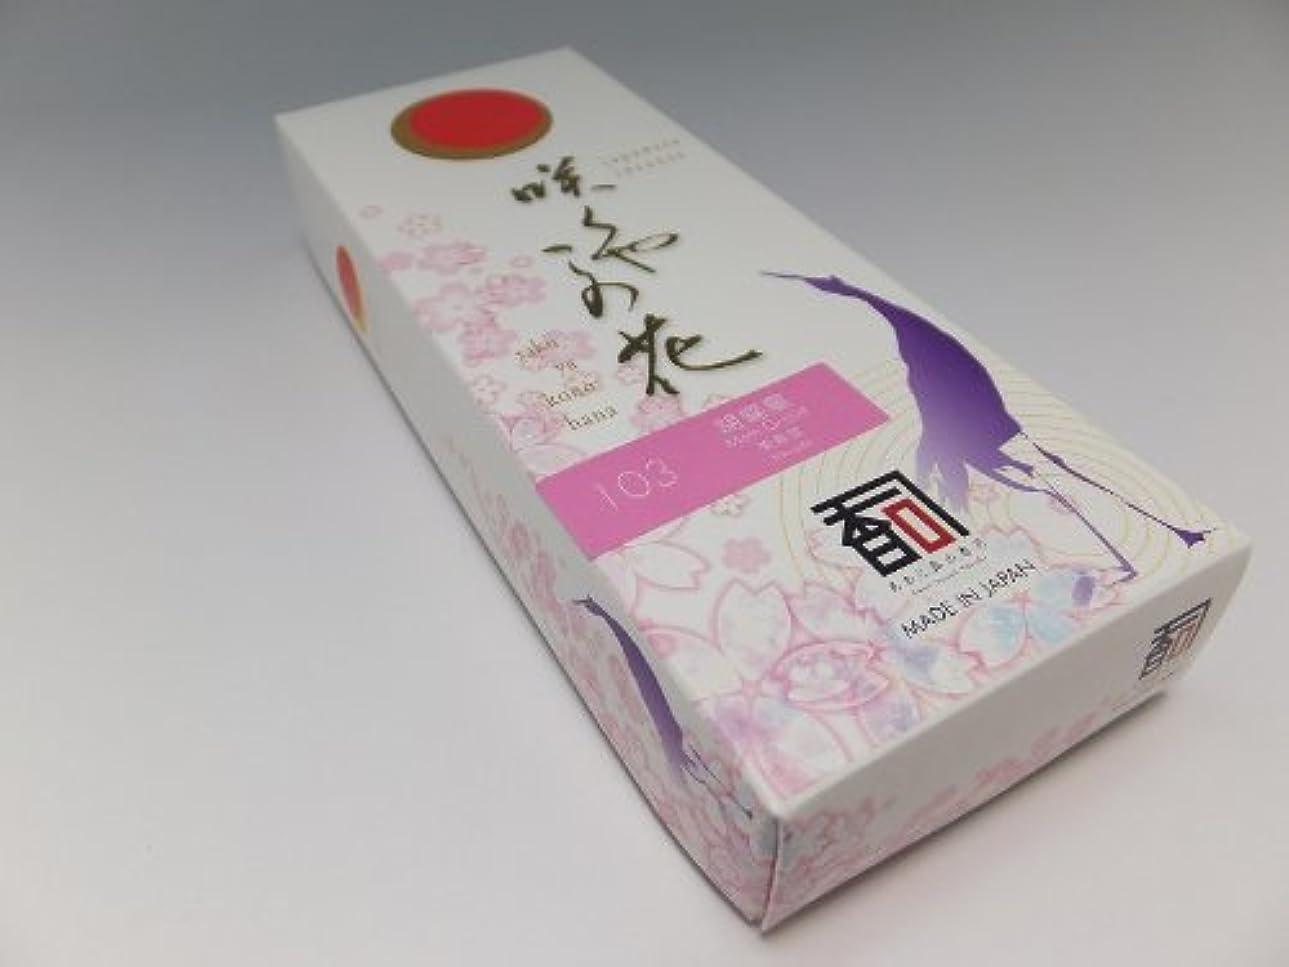 目的飲み込む繰り返す「あわじ島の香司」 日本の香りシリーズ  [咲くや この花] 【103】 胡蝶蘭 (有煙)